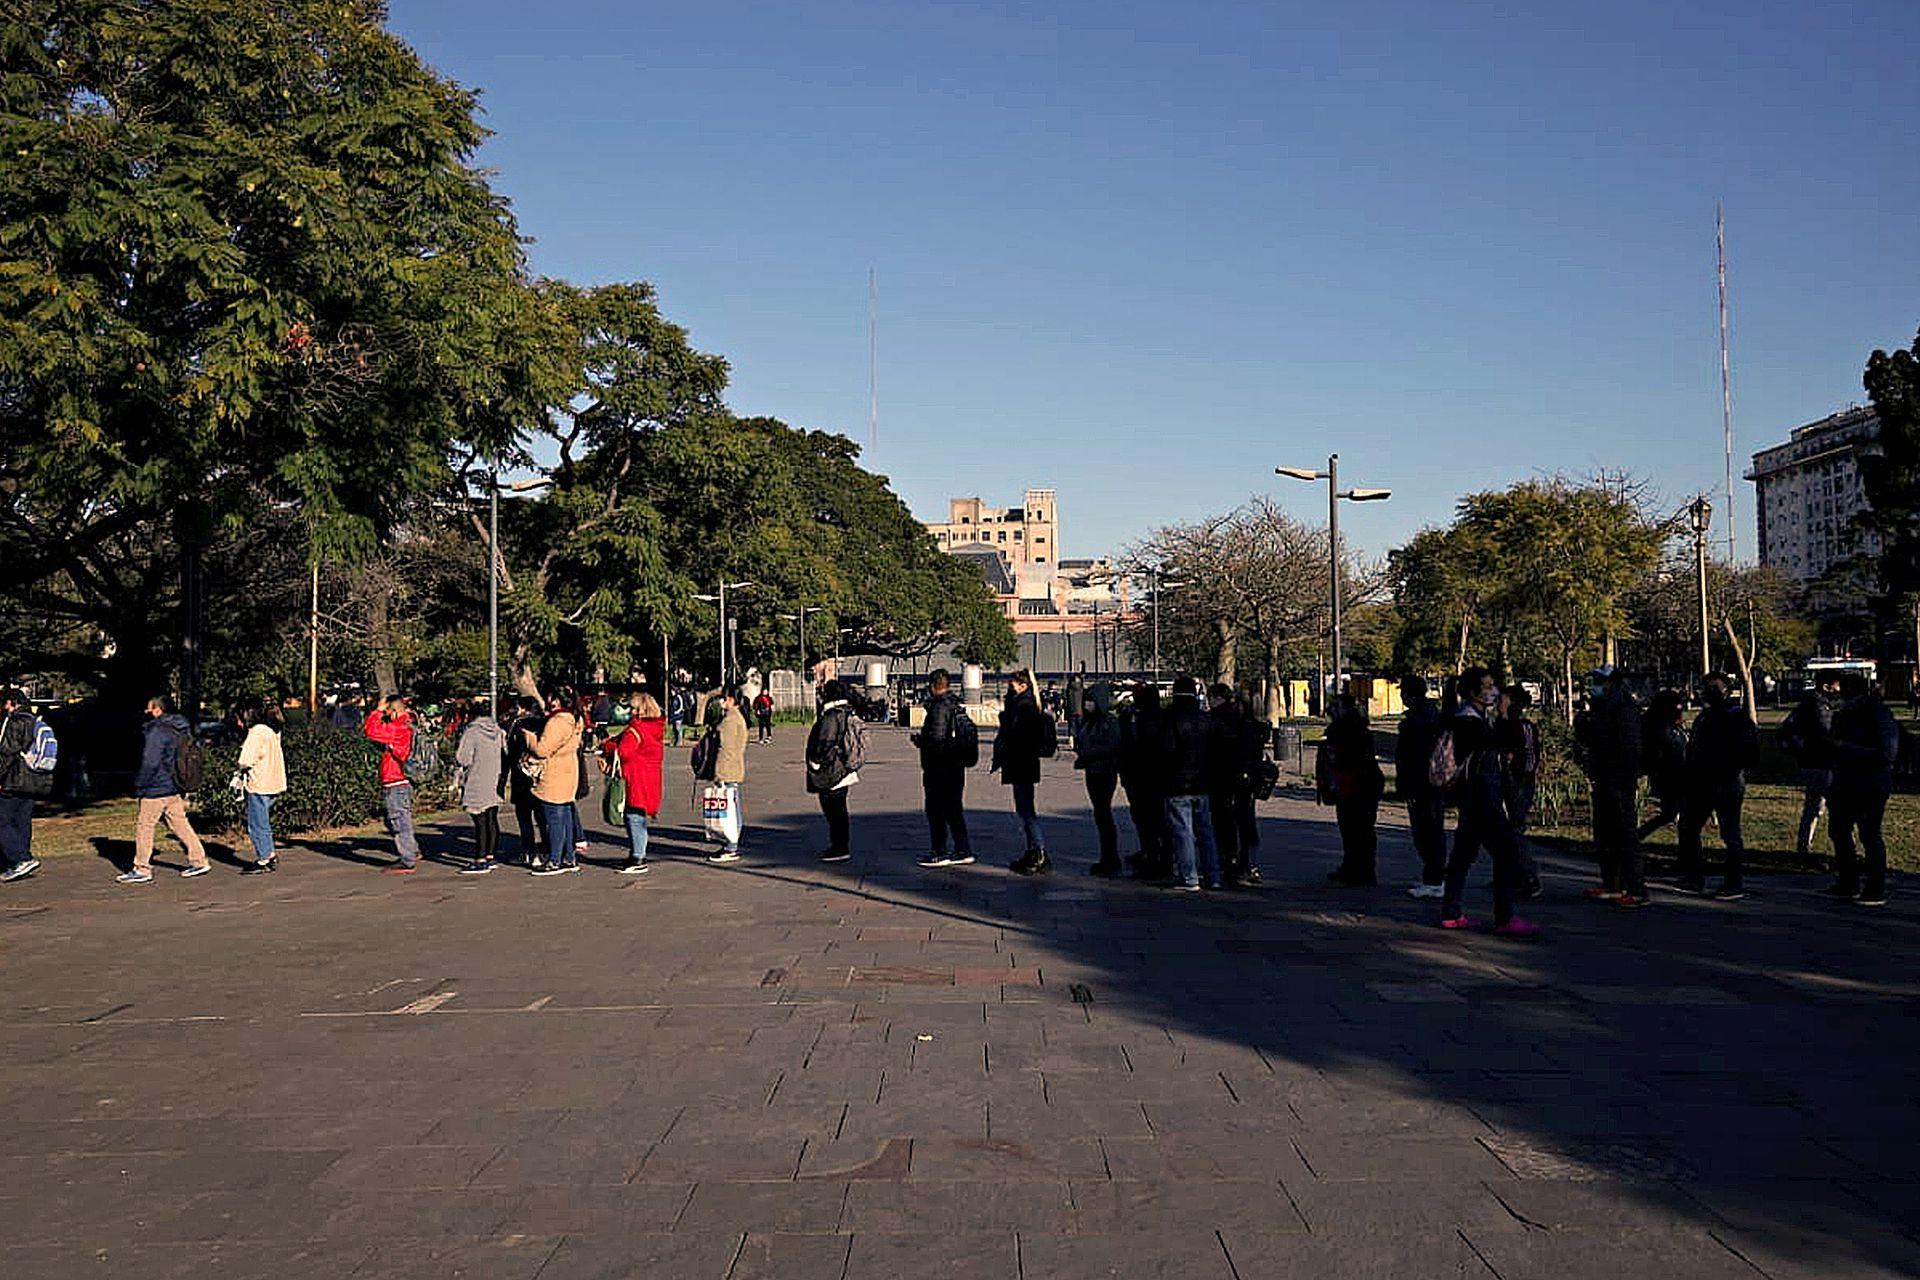 Largas filas de pasajeros en la estación Constitución